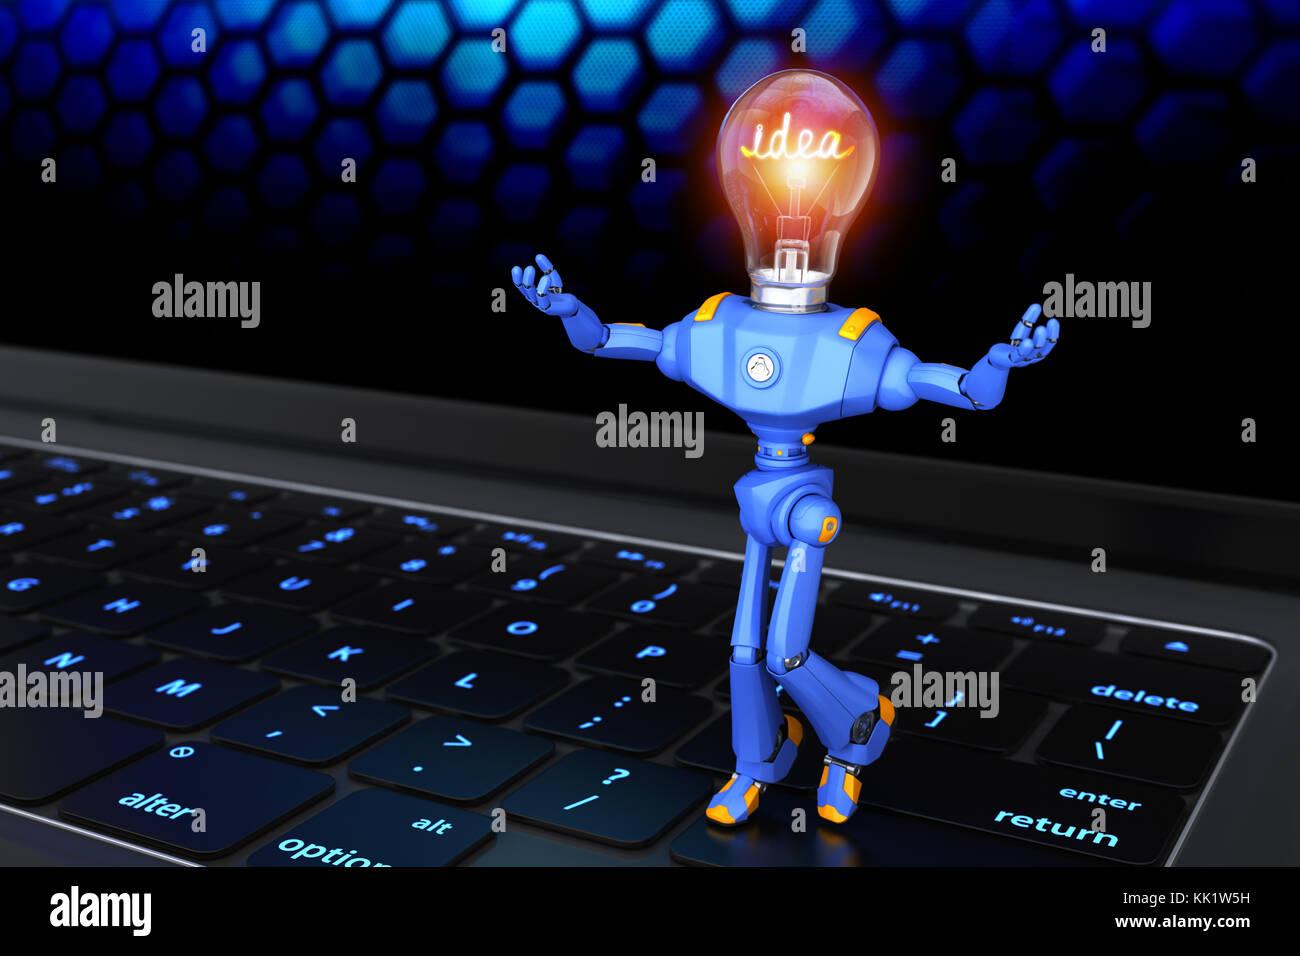 Pequeño robot de pie en el teclado. Ilustración 3d Imagen De Stock